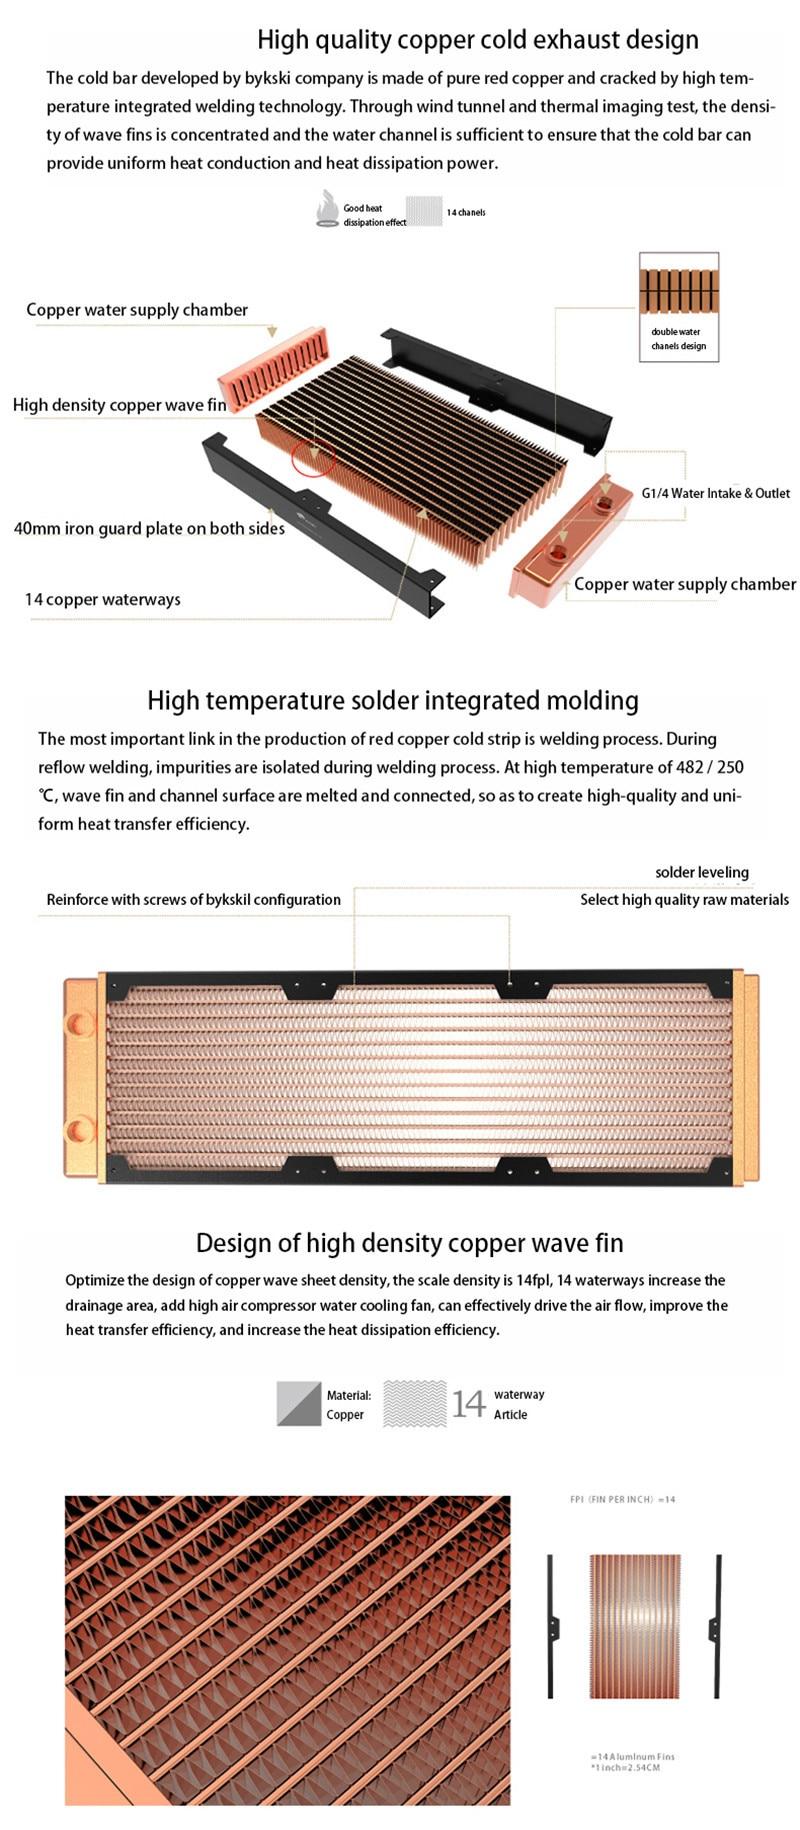 espessura 40mm do cobre vermelho do radiador